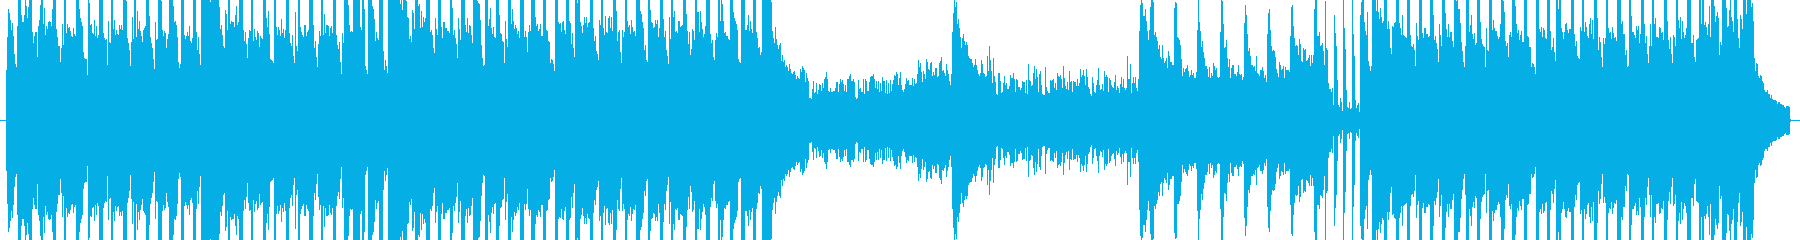 ギターサウンドのバトルミュージックの再生済みの波形